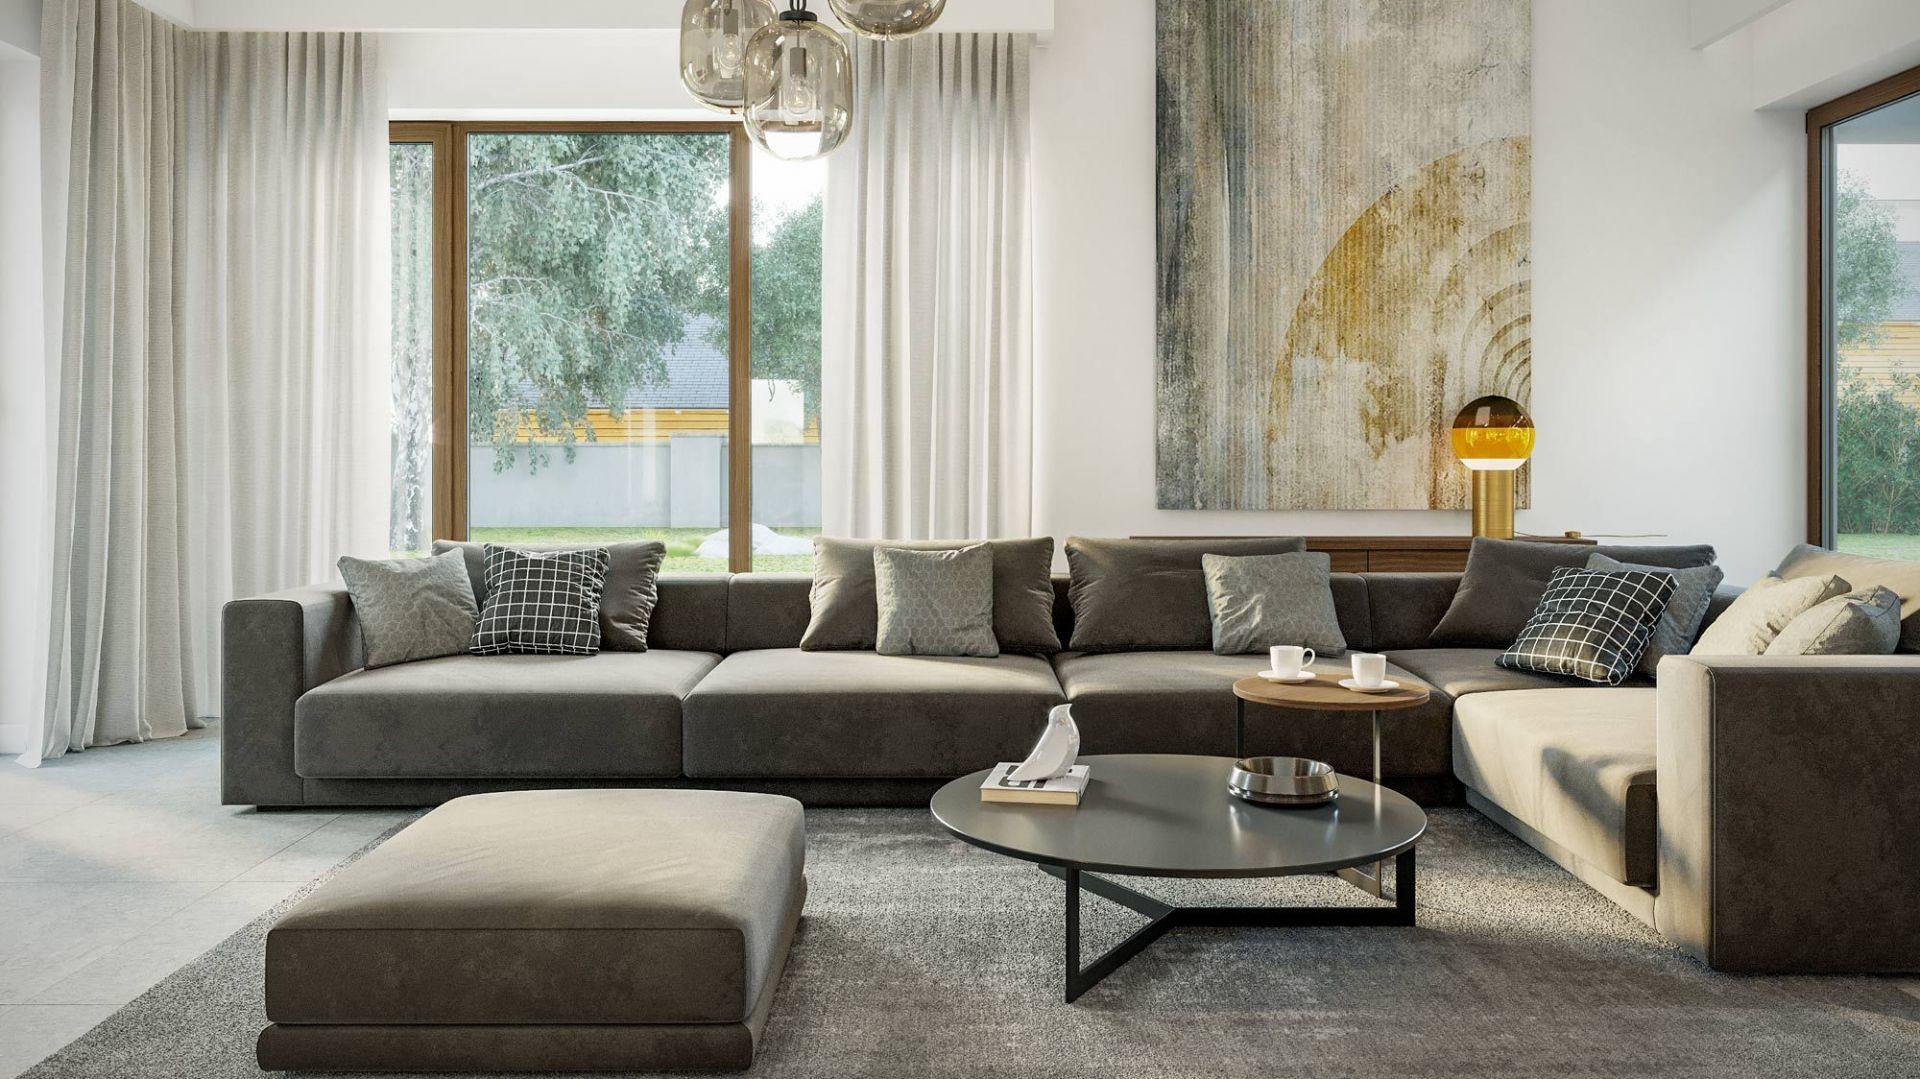 Wrażenie przestronności potęguje antresola, która powiększa przestrzeń salonu. Dom HomeKoncept 13. Projekt i zdjęcia: HomeKoncept